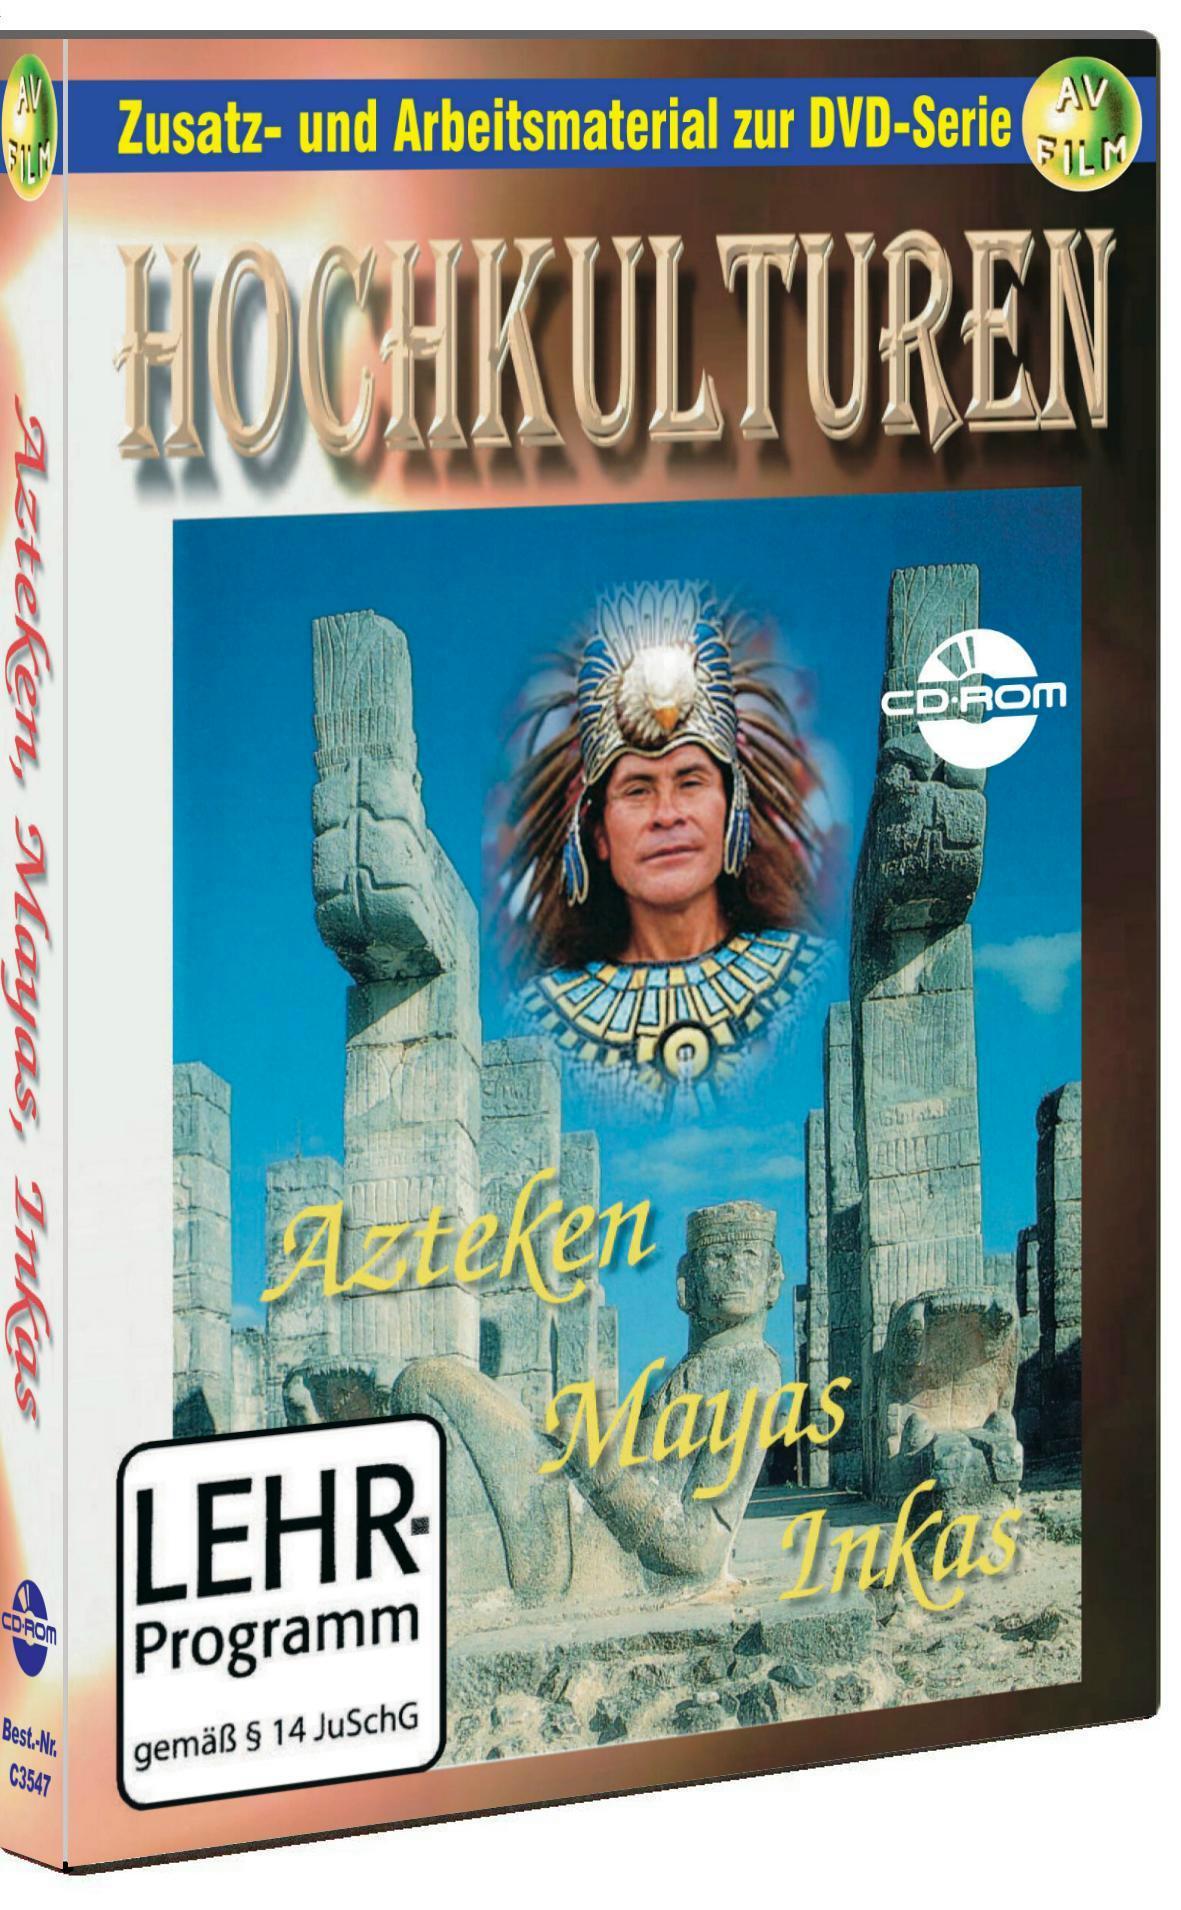 Kinder Brockhaus Maya Inka Azteken Download Image collections ...